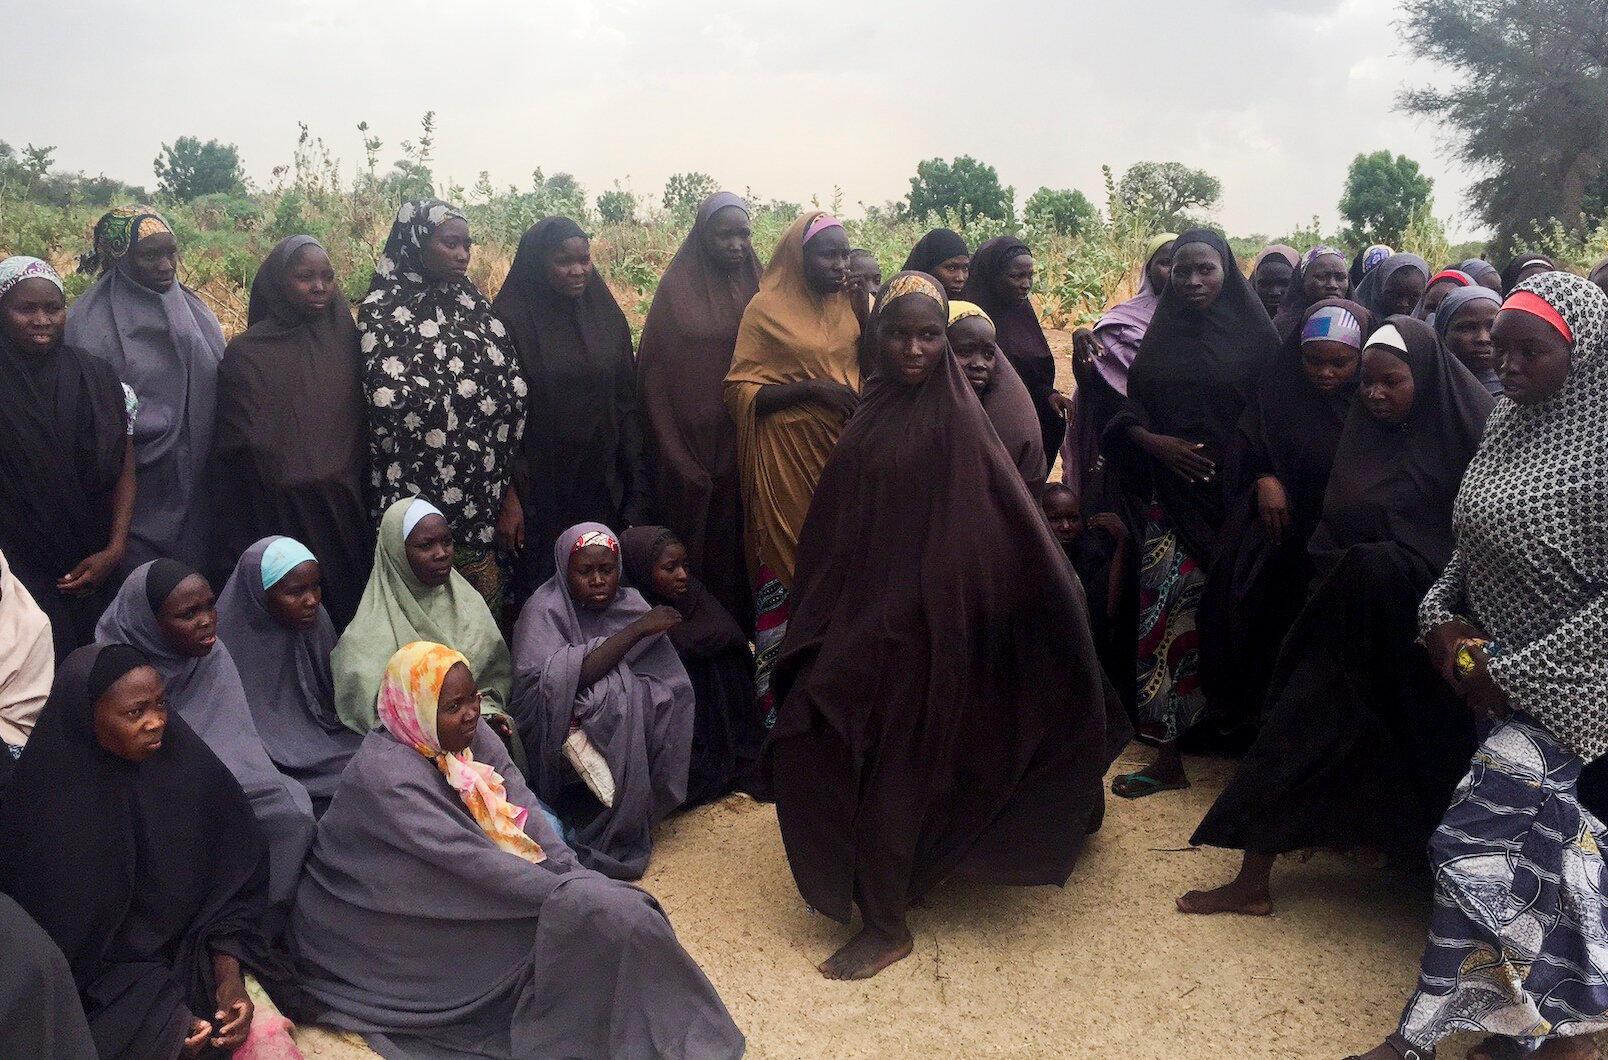 Baadhi ya wasichana wa Chibok wanaoendelea kushikiliwa mateka na Boko Haram